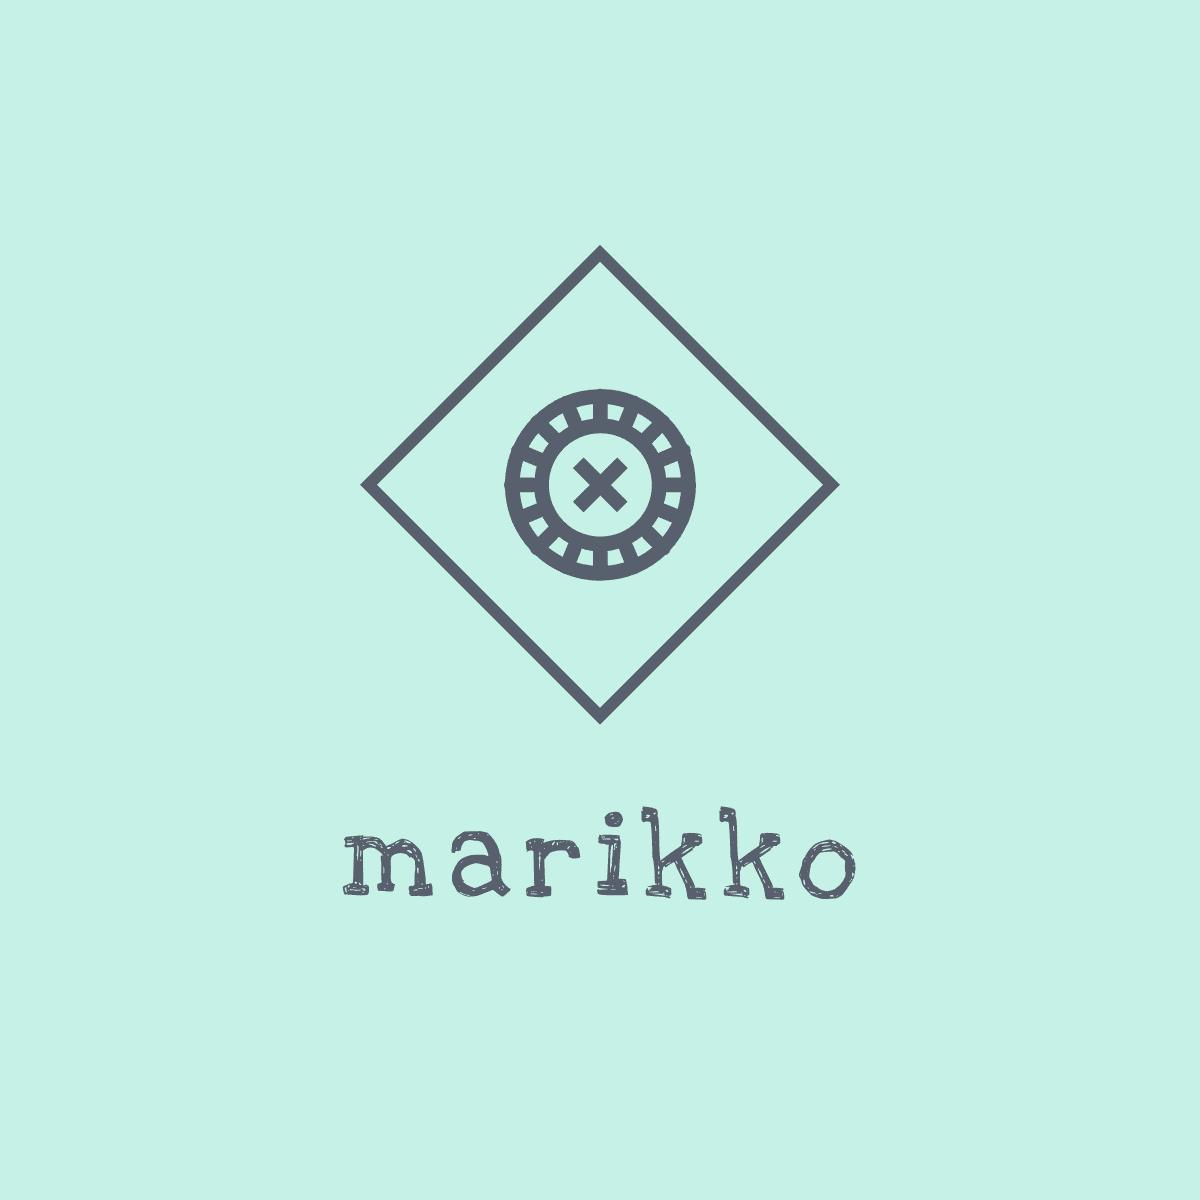 marikko